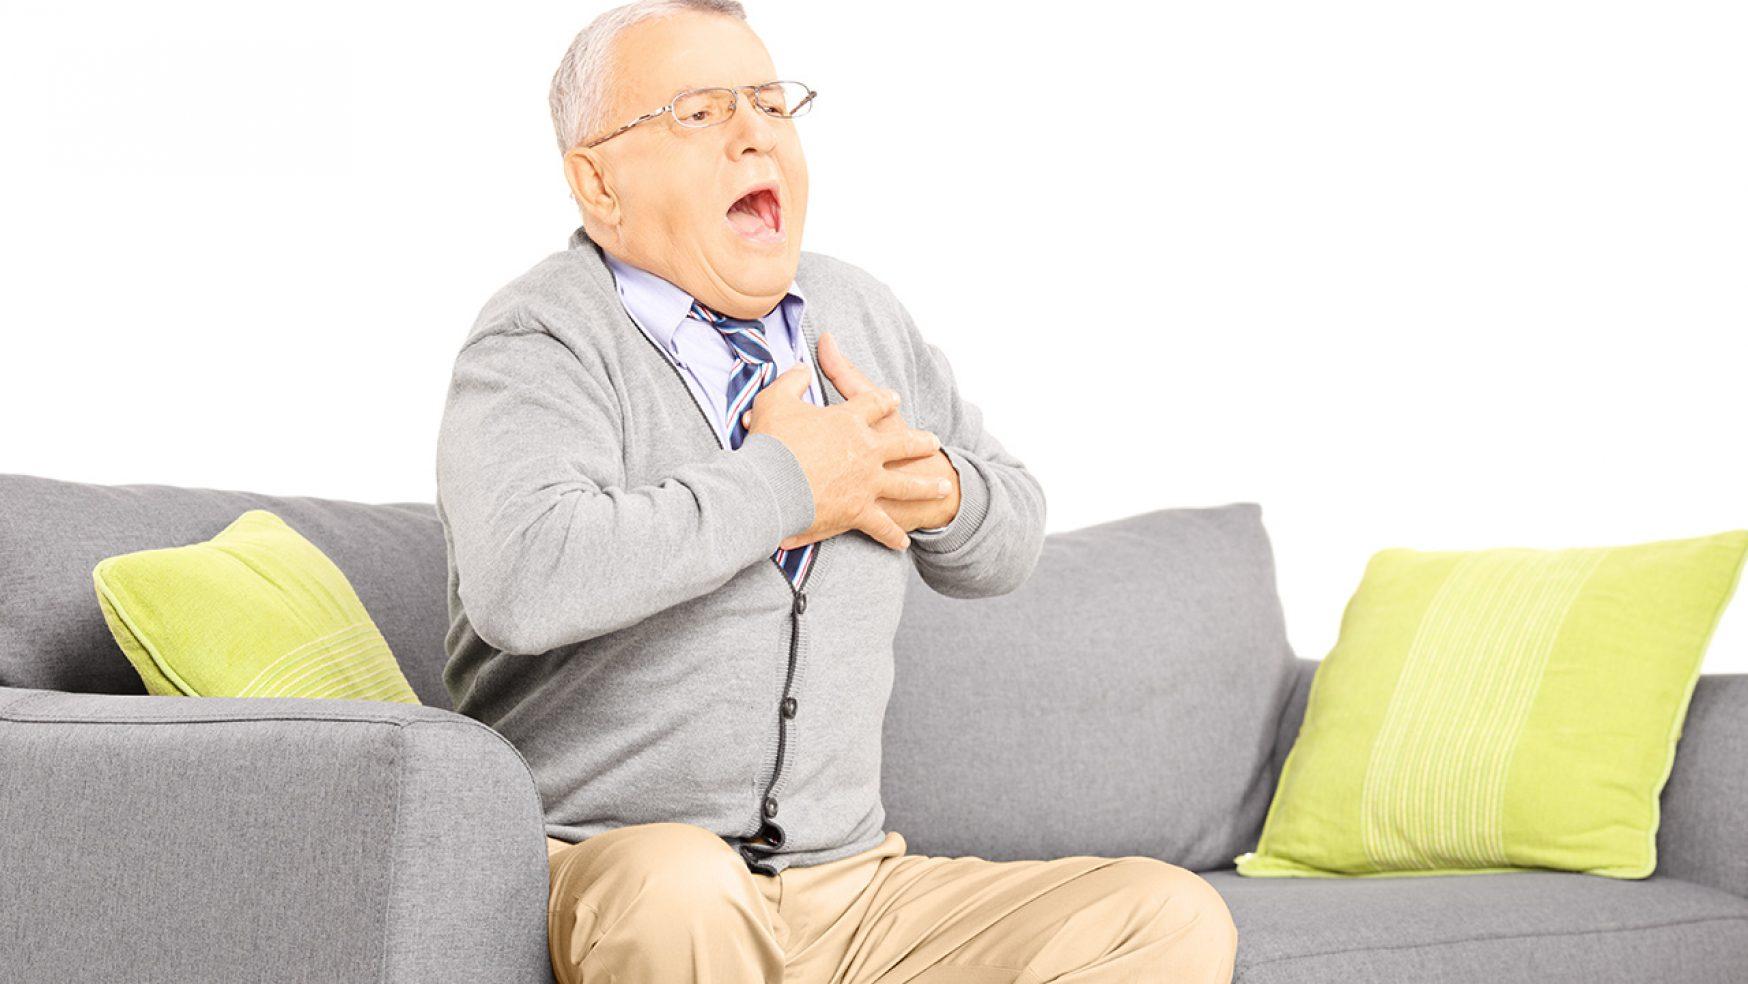 Ateroesclerosis: Síntomas y qué podemos hacer para prevenirla